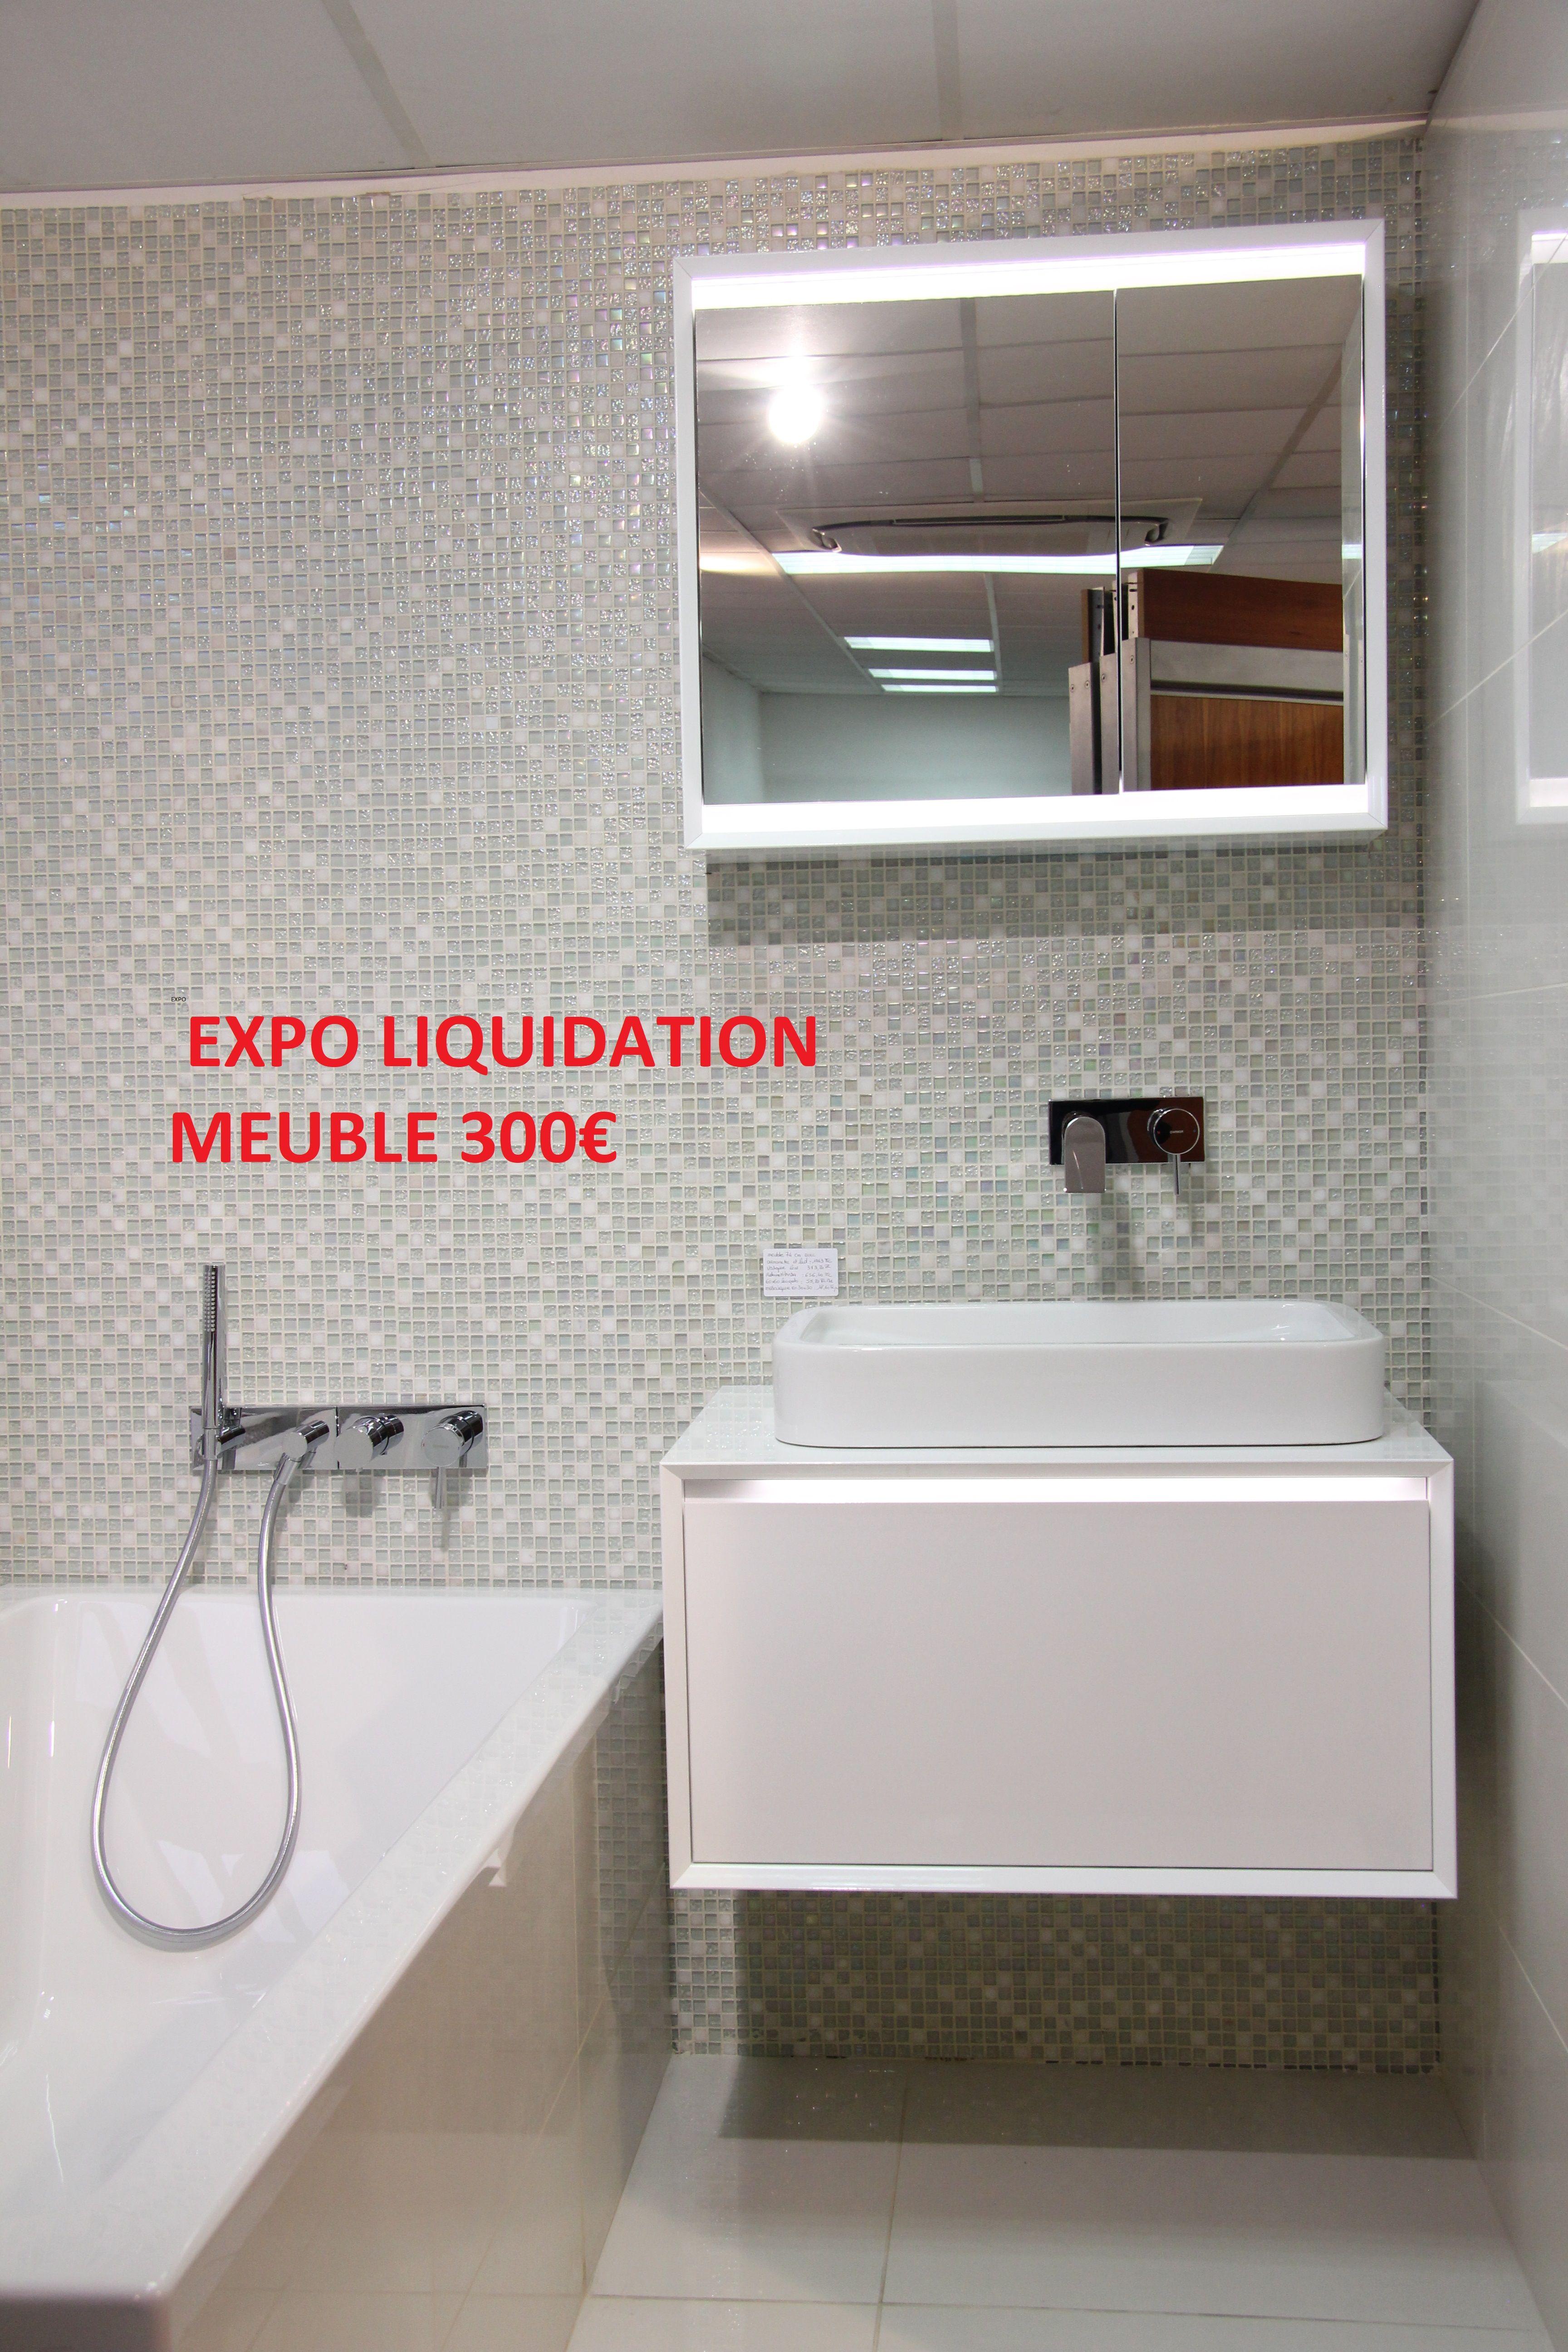 les promotions continuent chez caro styl salle de bains deco interieure maison meuble suspendu salle de bain meuble suspendu bains